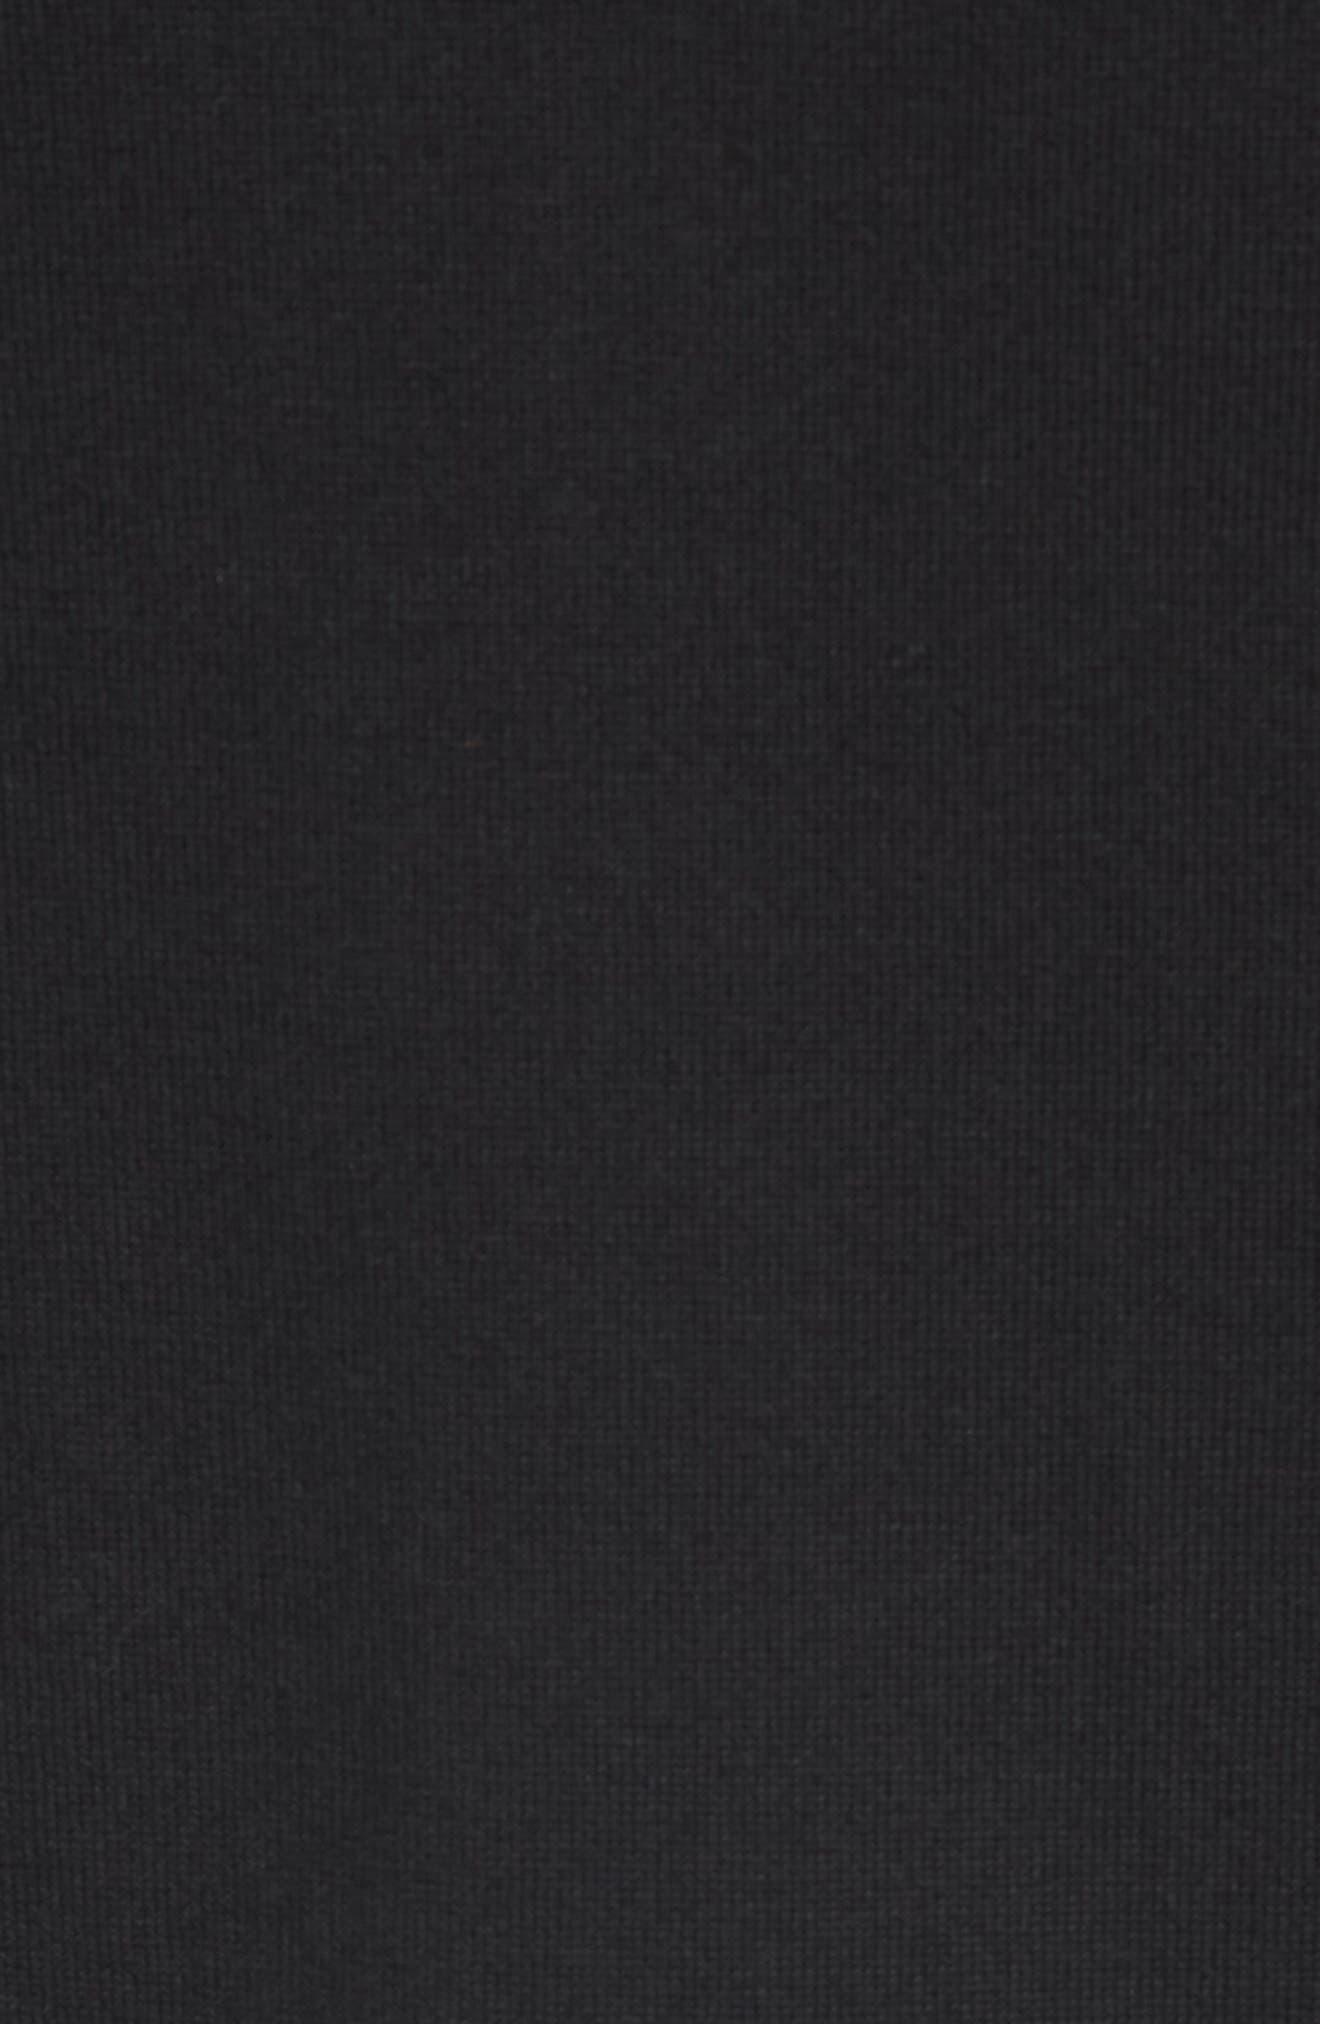 Chicago Bears - Lakemont Regular Fit Quarter Zip Sweater,                             Alternate thumbnail 5, color,                             BLACK